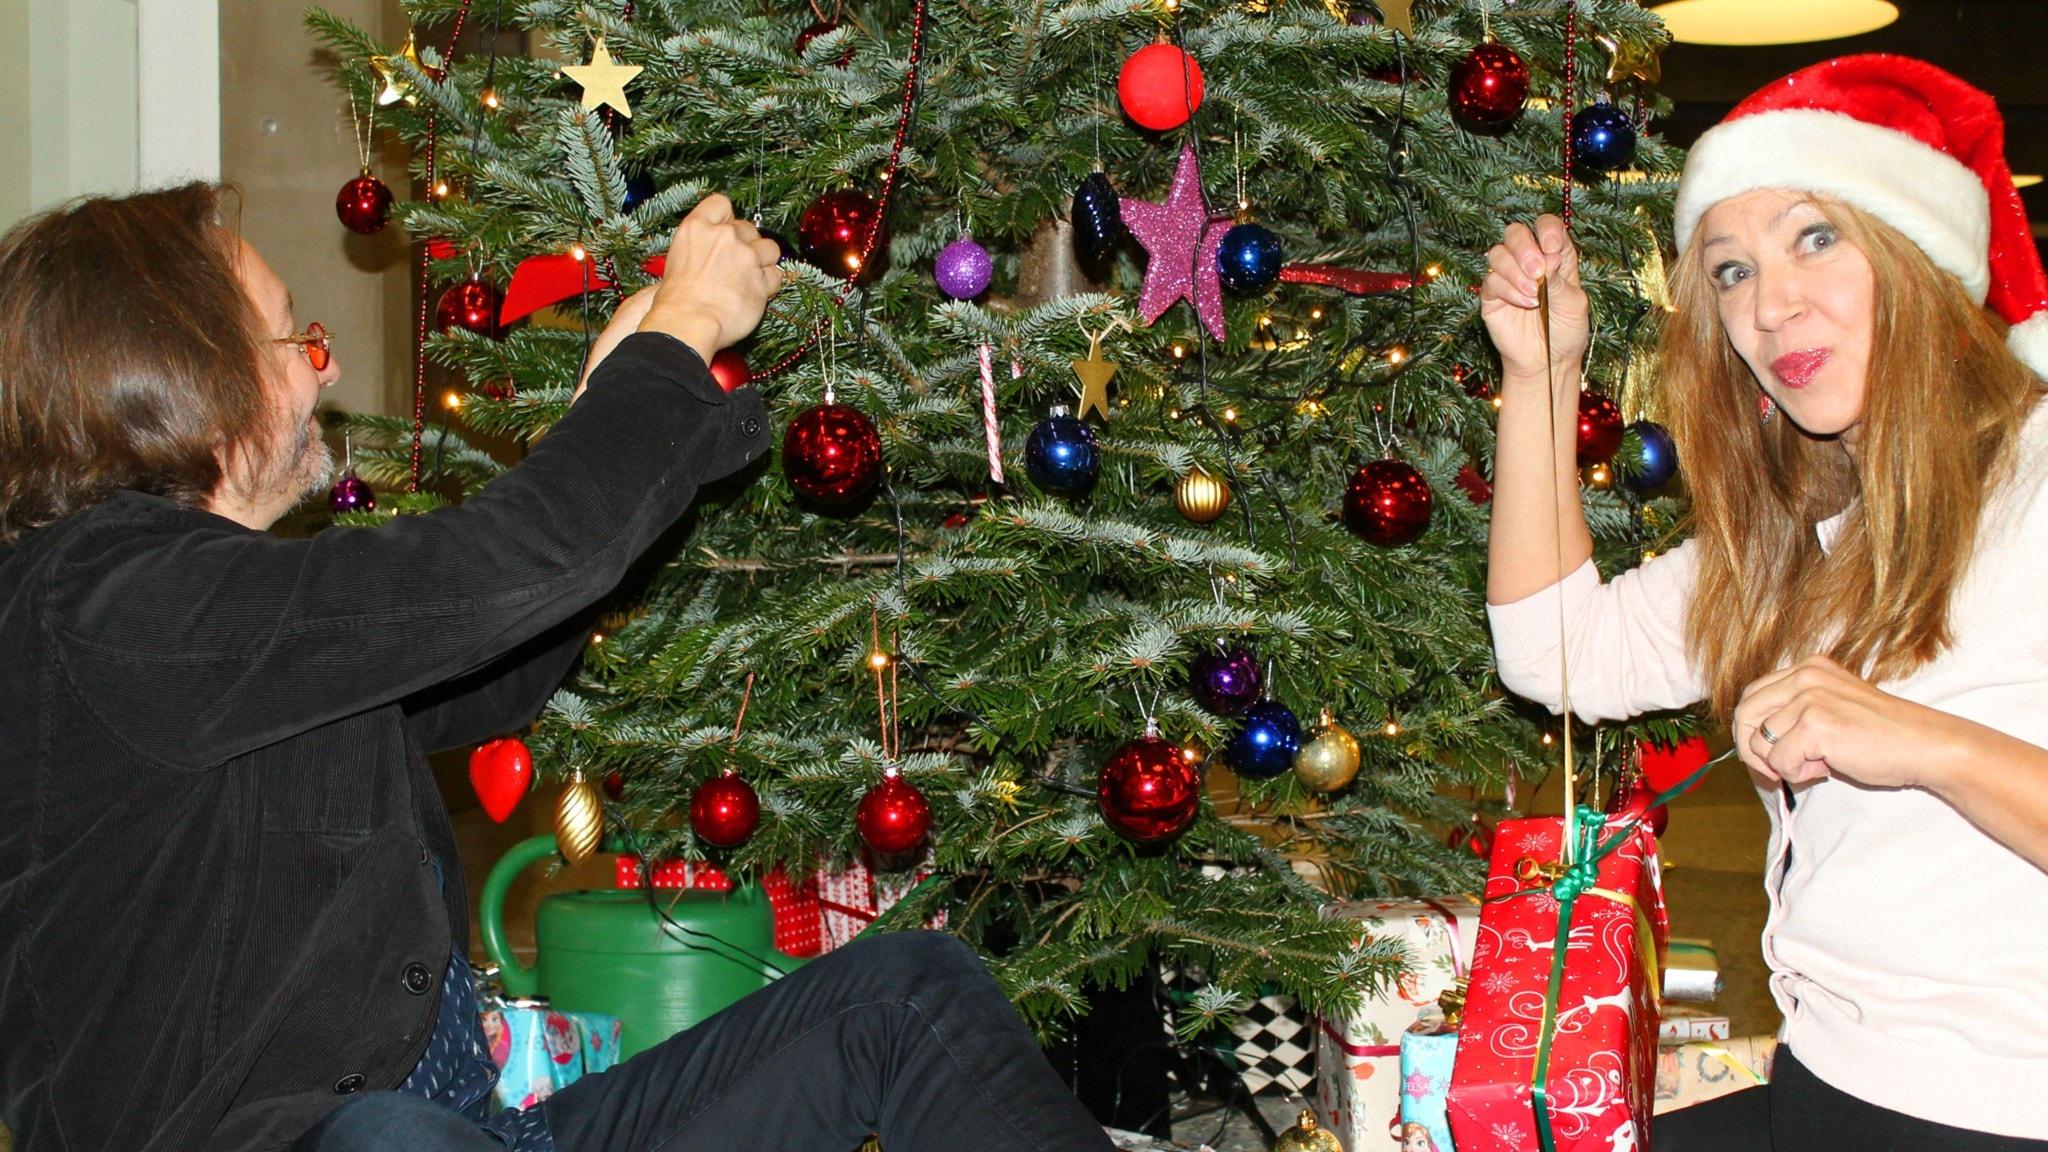 Puhelinlangat laulaa jouluterveisiä